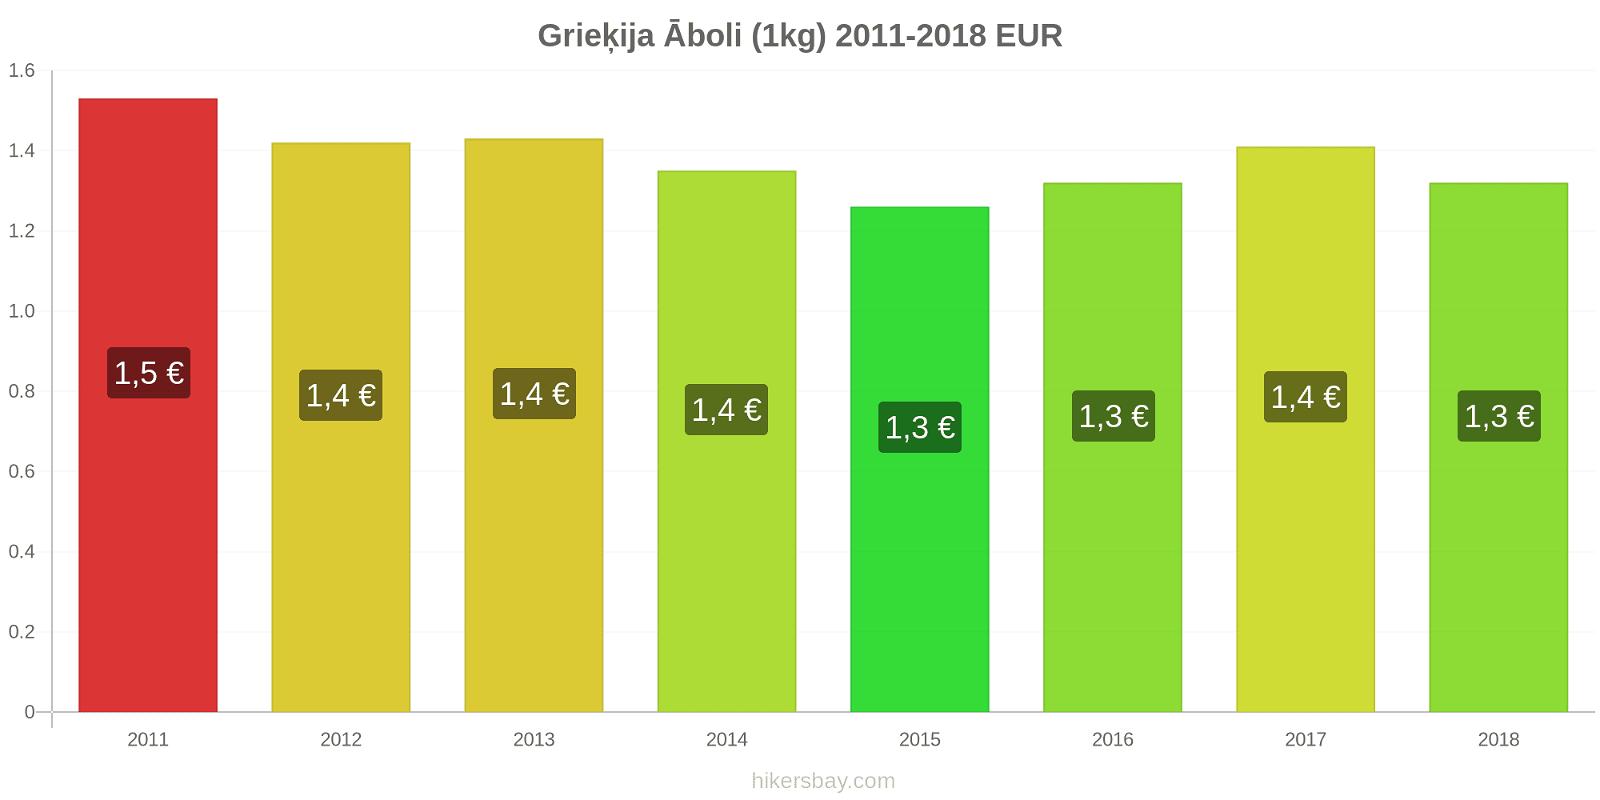 Grieķija cenu izmaiņas Āboli (1kg) hikersbay.com